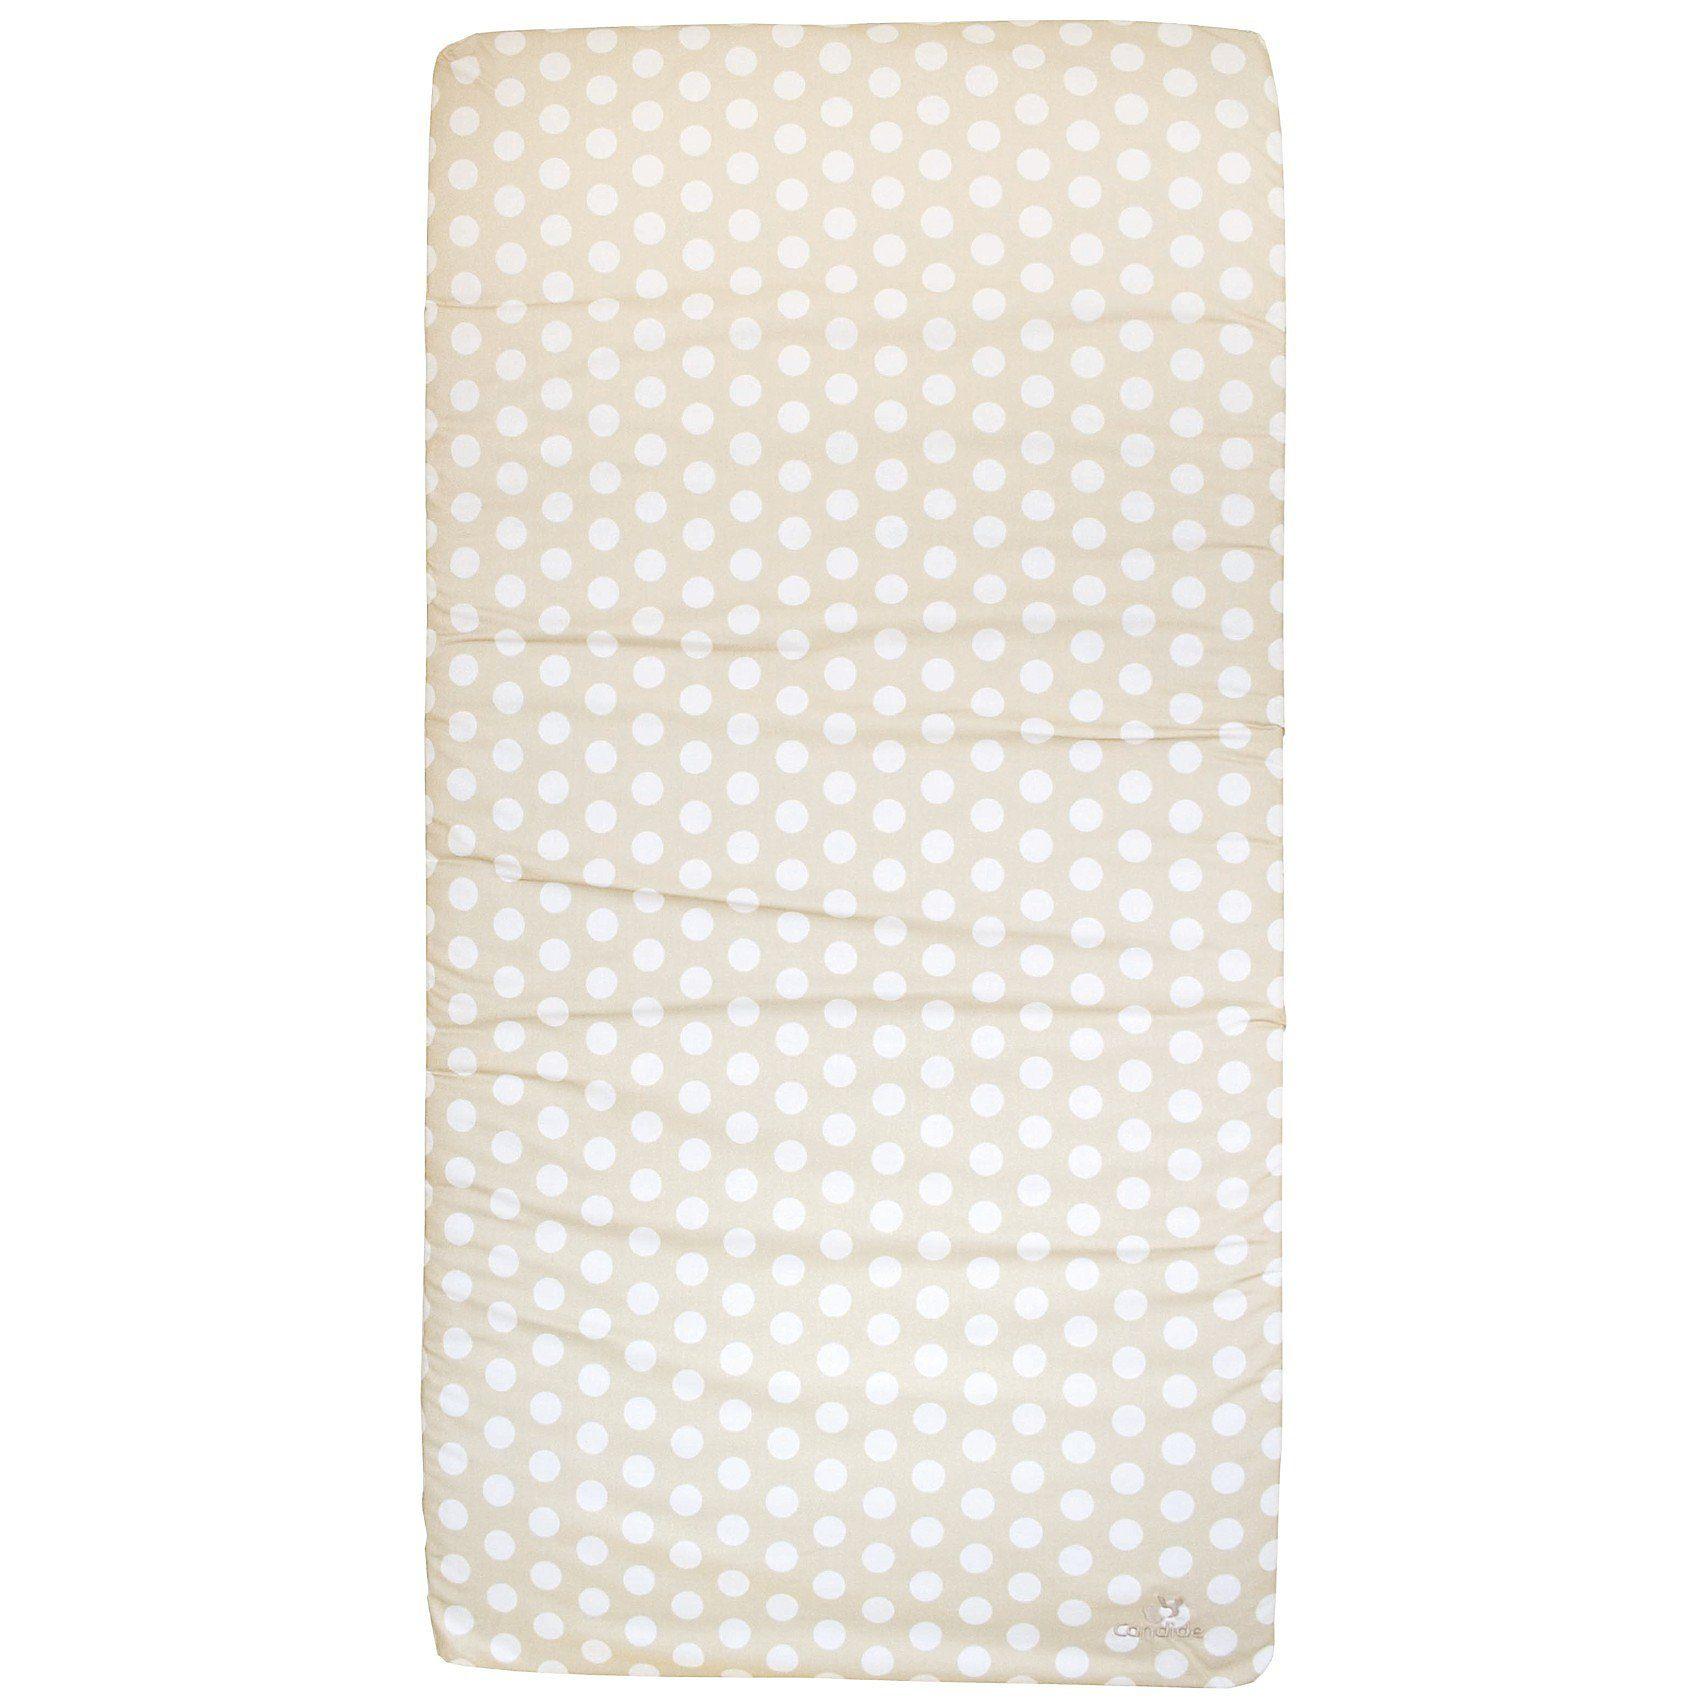 candide Reisebettmatratze rollbar, 60 x 120 cm, gepunktet beige